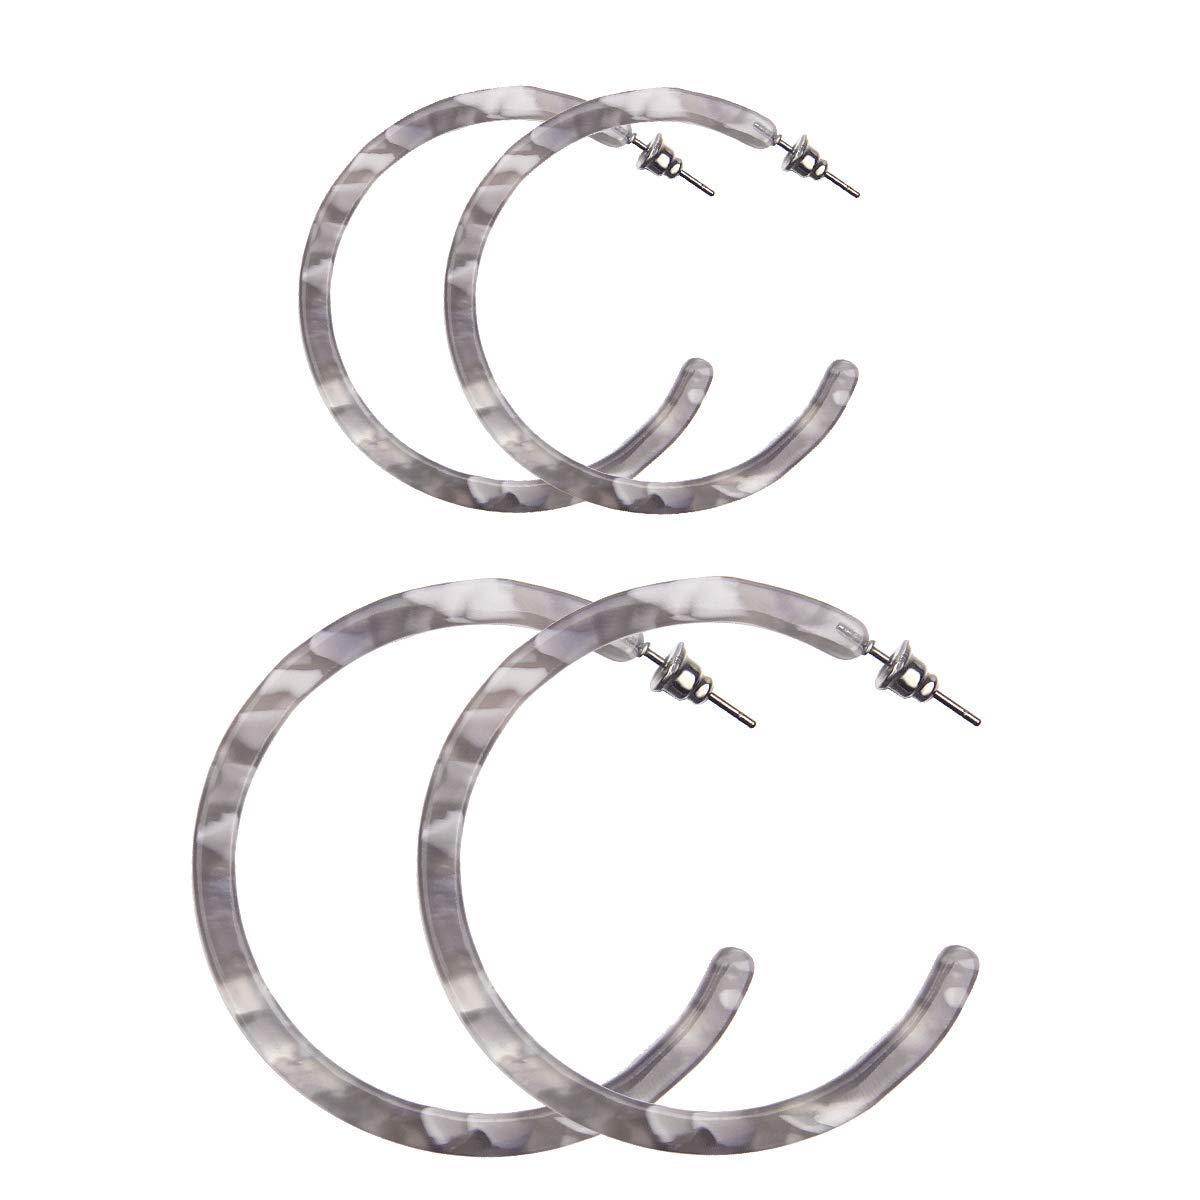 2 Pairs Resin Hoop Earrings Tortoise Shell Bohemian Acrylic Earrings for Girls and Ladies Zesen